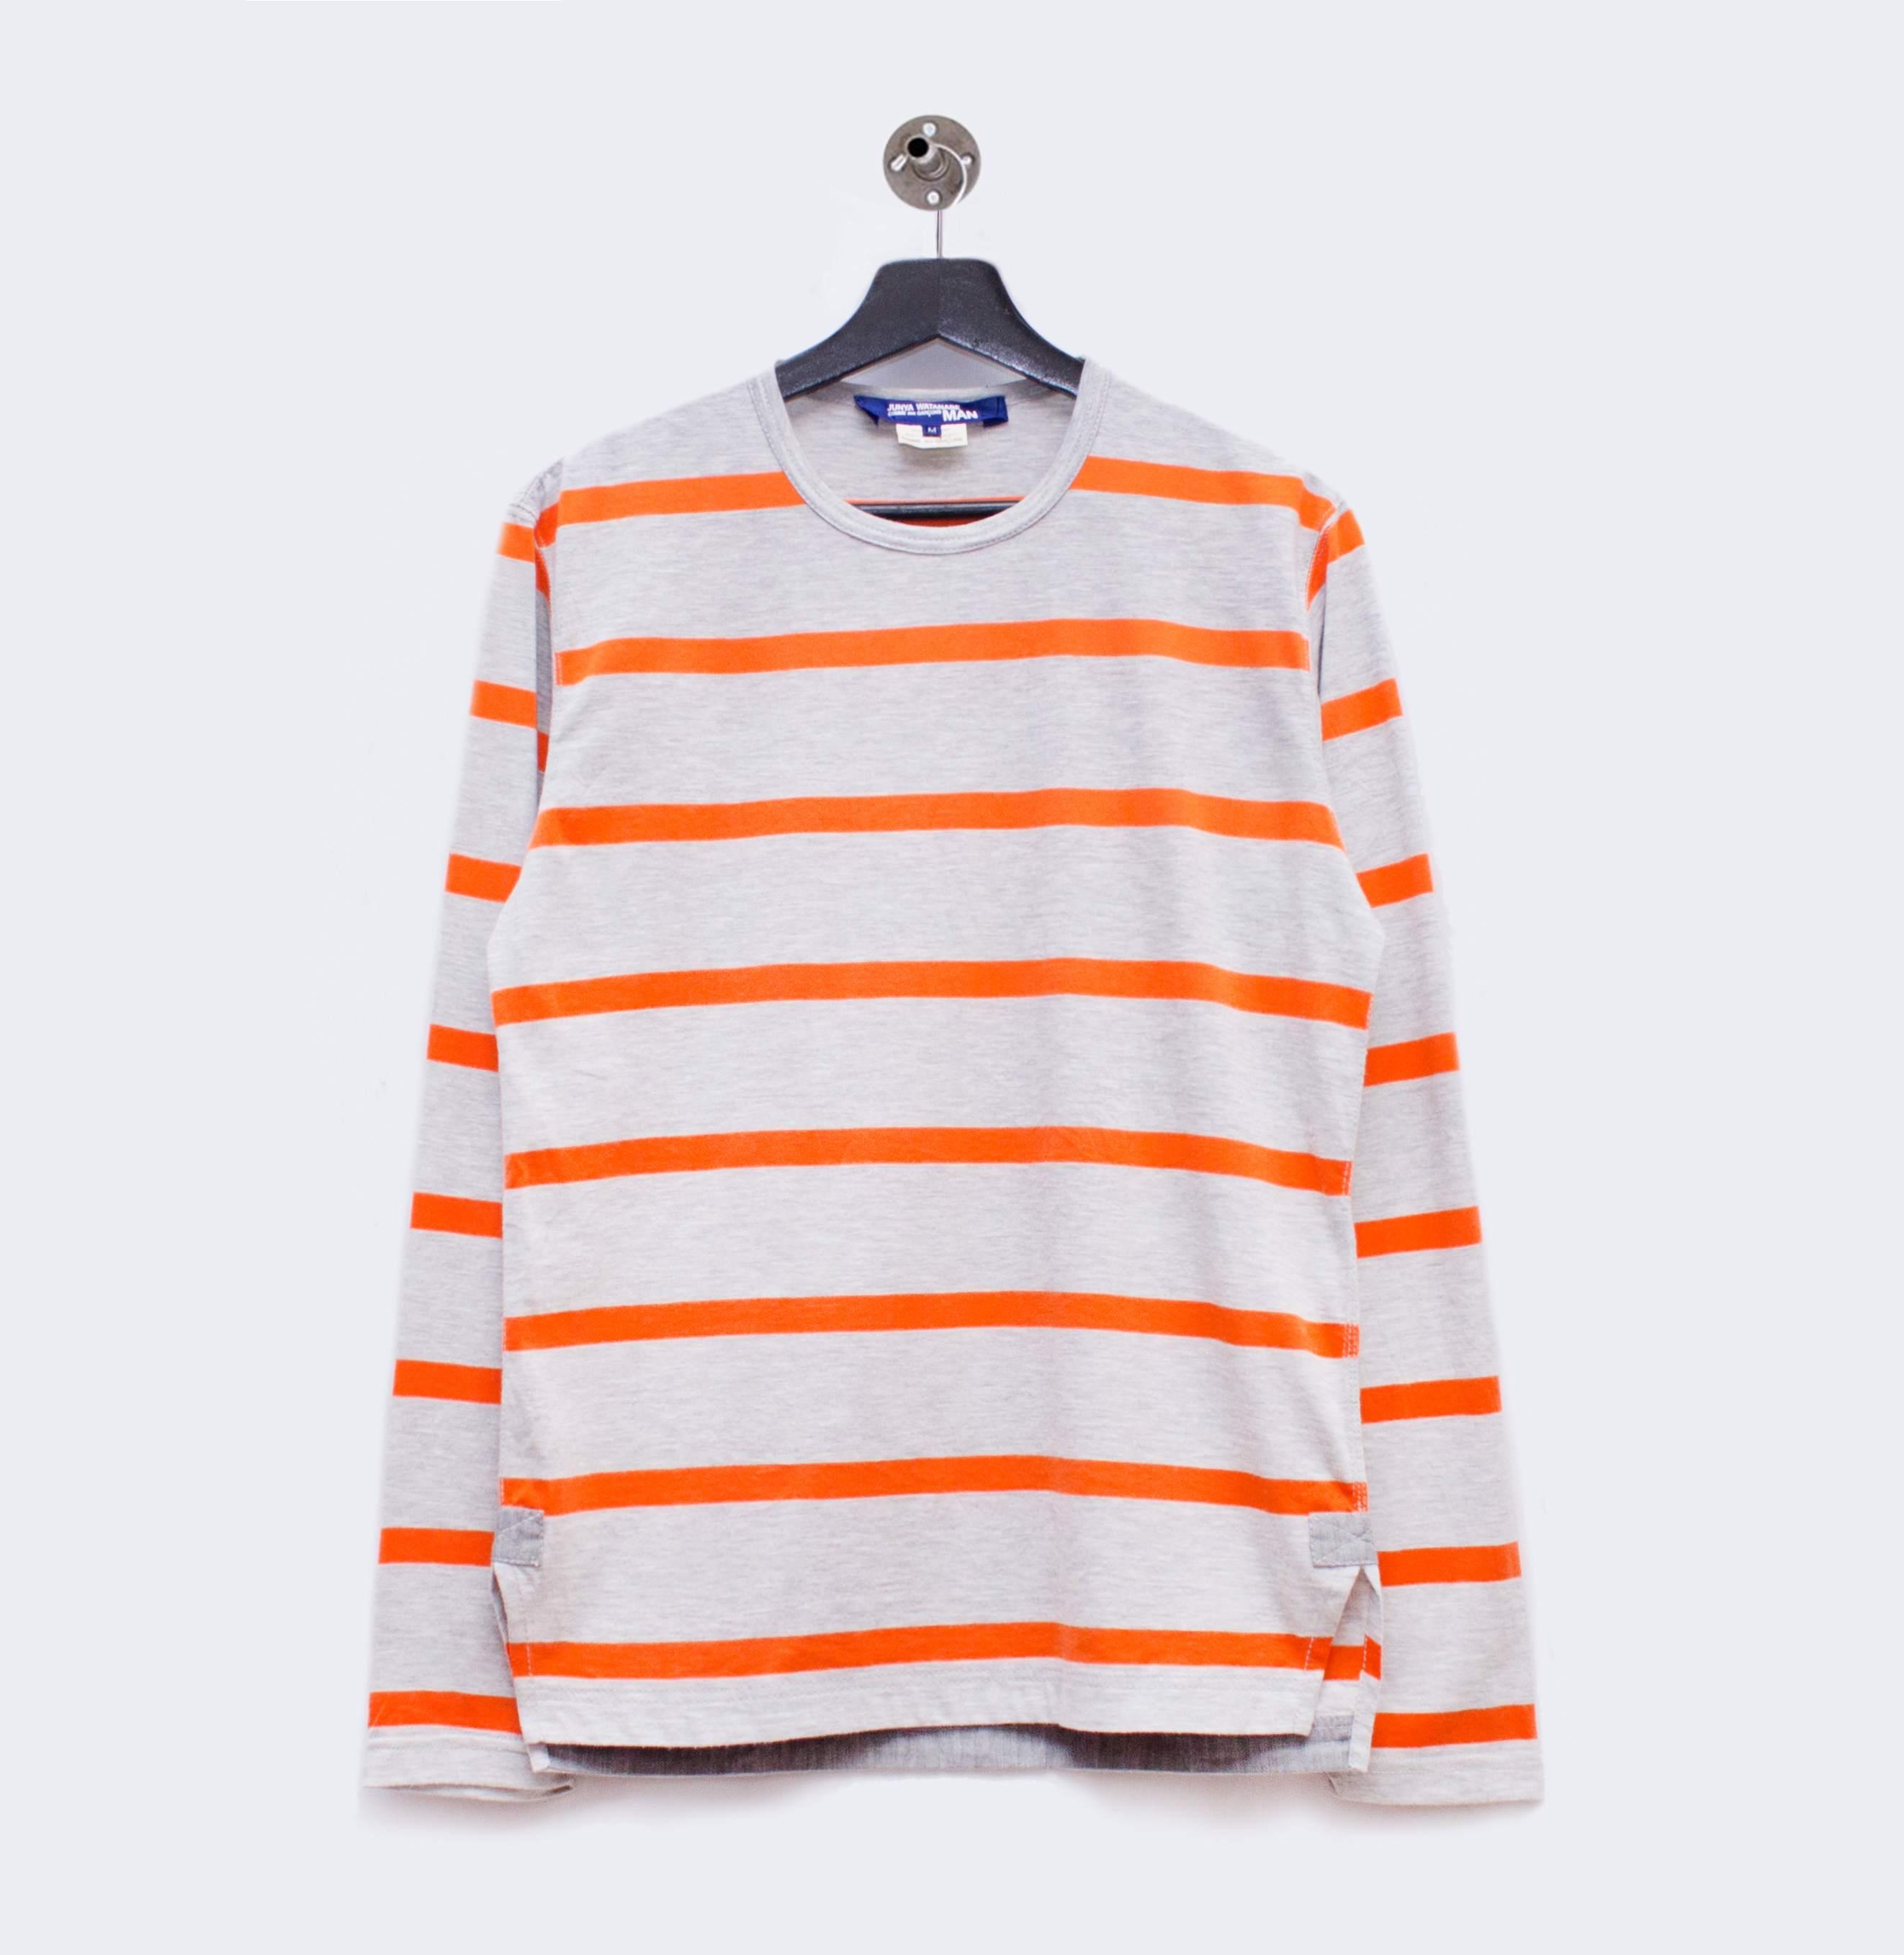 Junya Watanabe Comme des Garçons Man lightweight striped sweatshirt